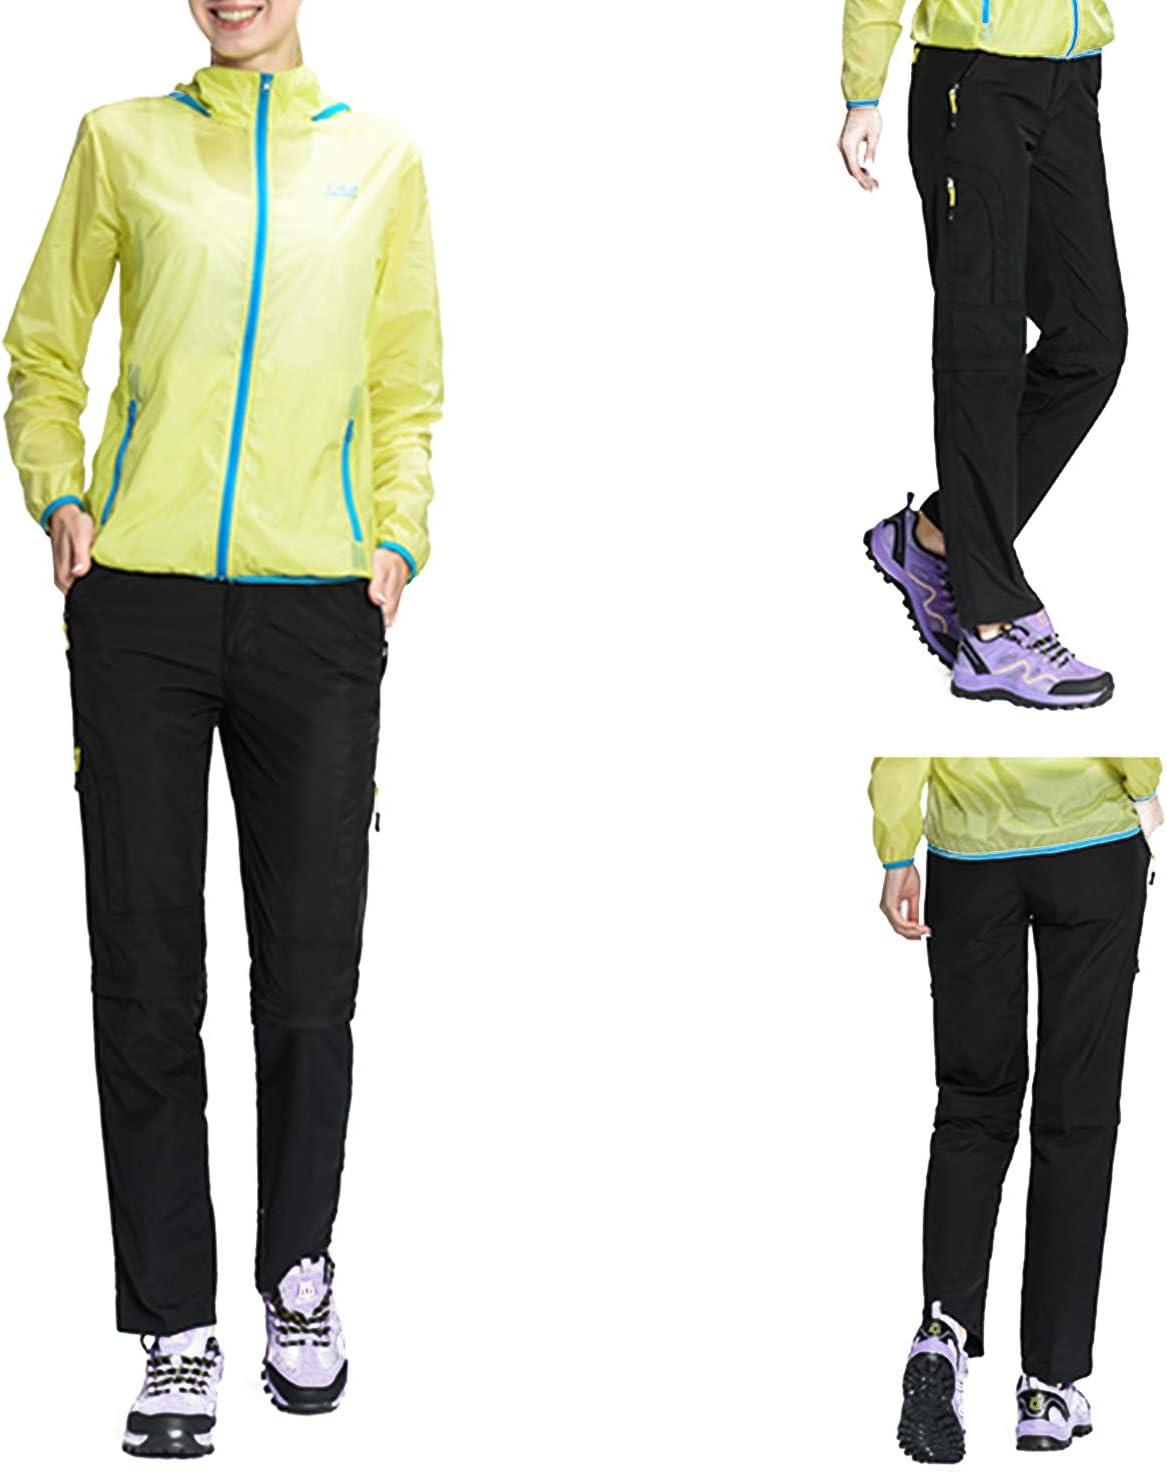 Pantalones Nauwet Pantalones De Senderismo Convertibles De Secado Rapido Para Mujer Deportes Y Aire Libre Brandknewmag Com